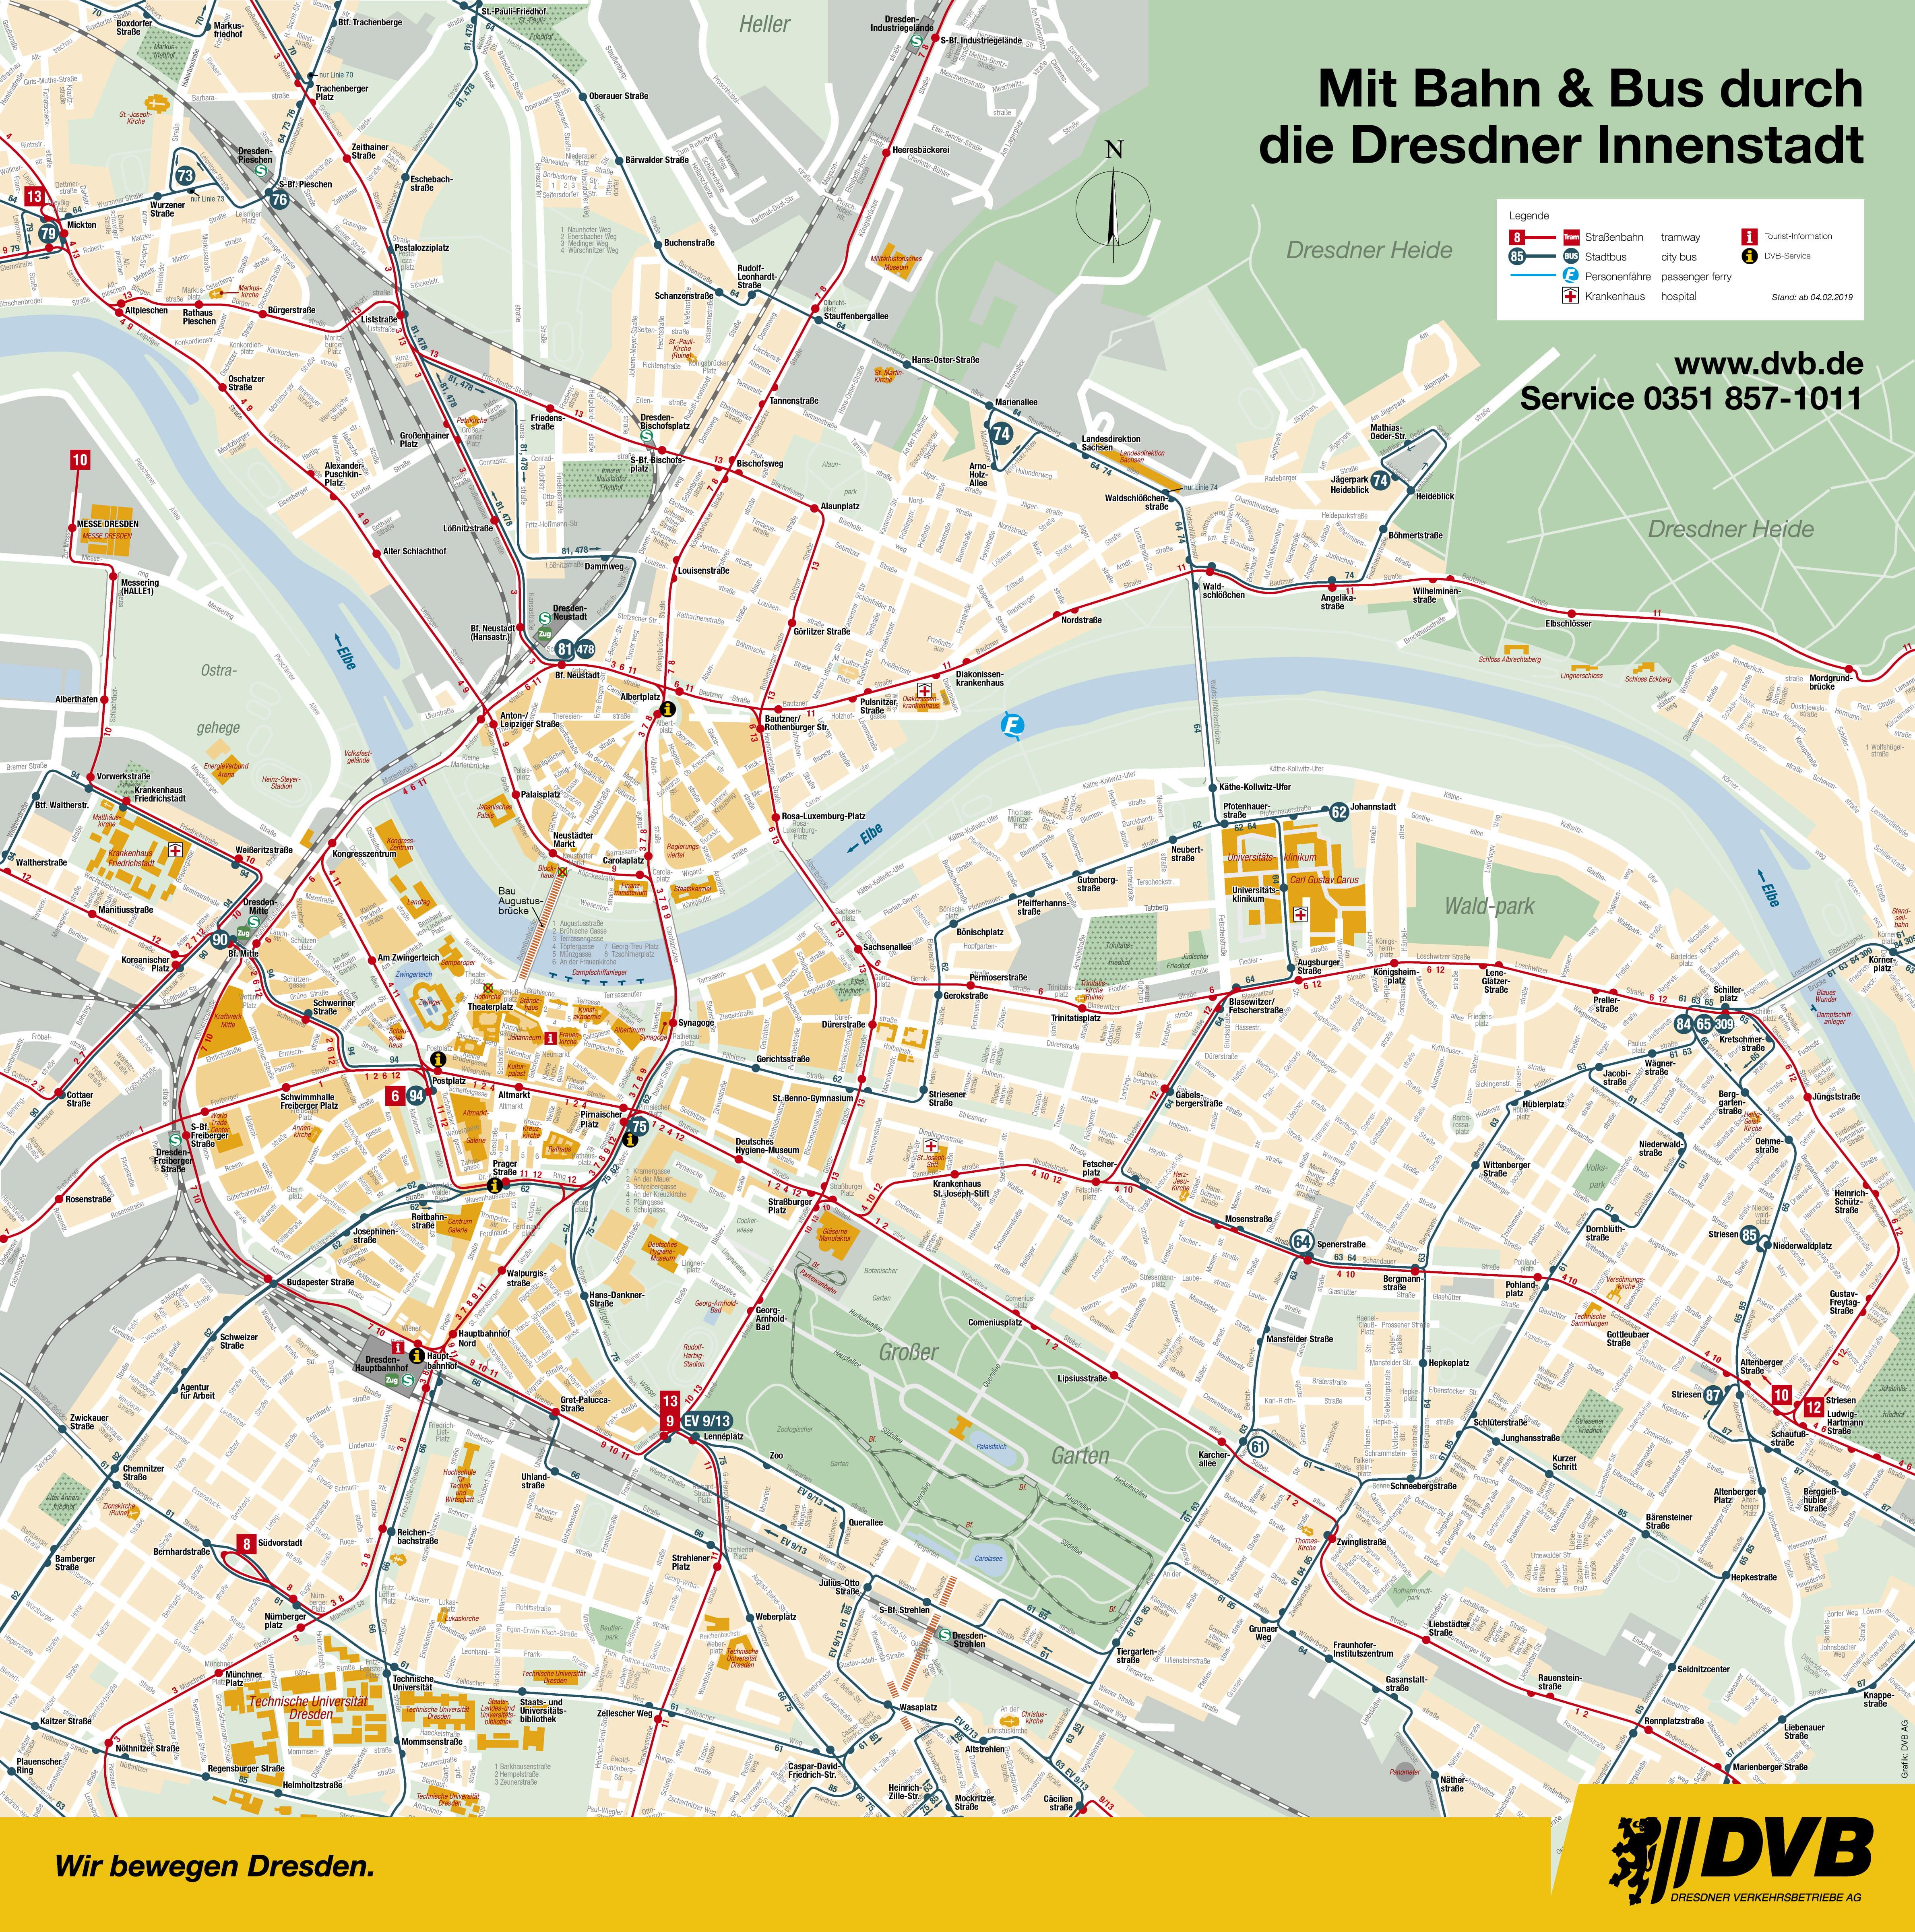 Stadtplan Wiesbaden Mit Haltestellen